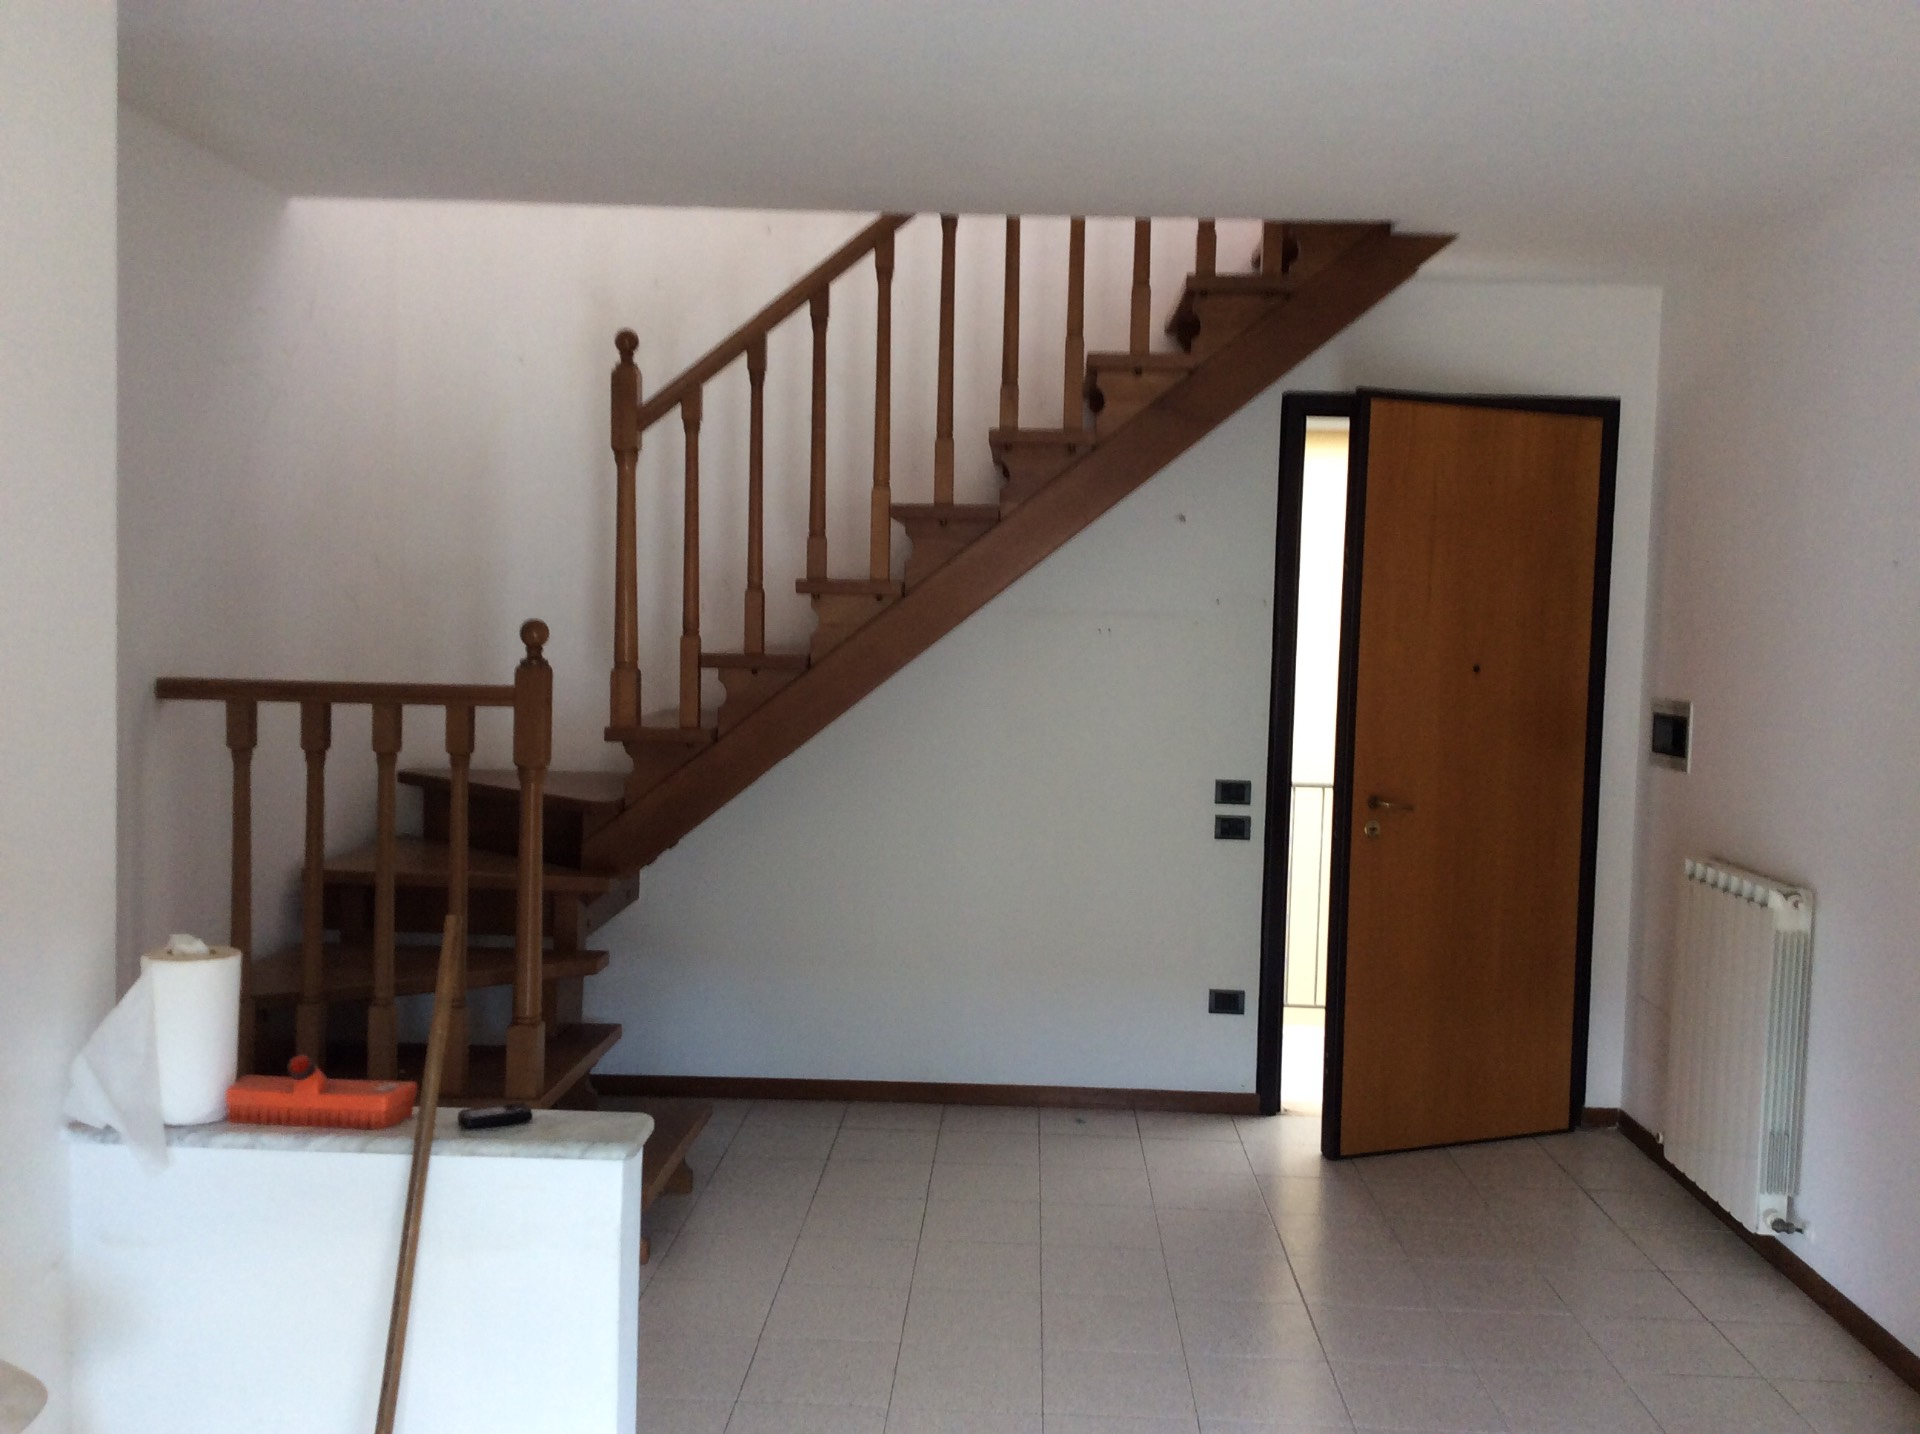 Soluzione Semindipendente in affitto a Cerreto Guidi, 5 locali, zona Zona: Stabbia, prezzo € 500 | Cambio Casa.it